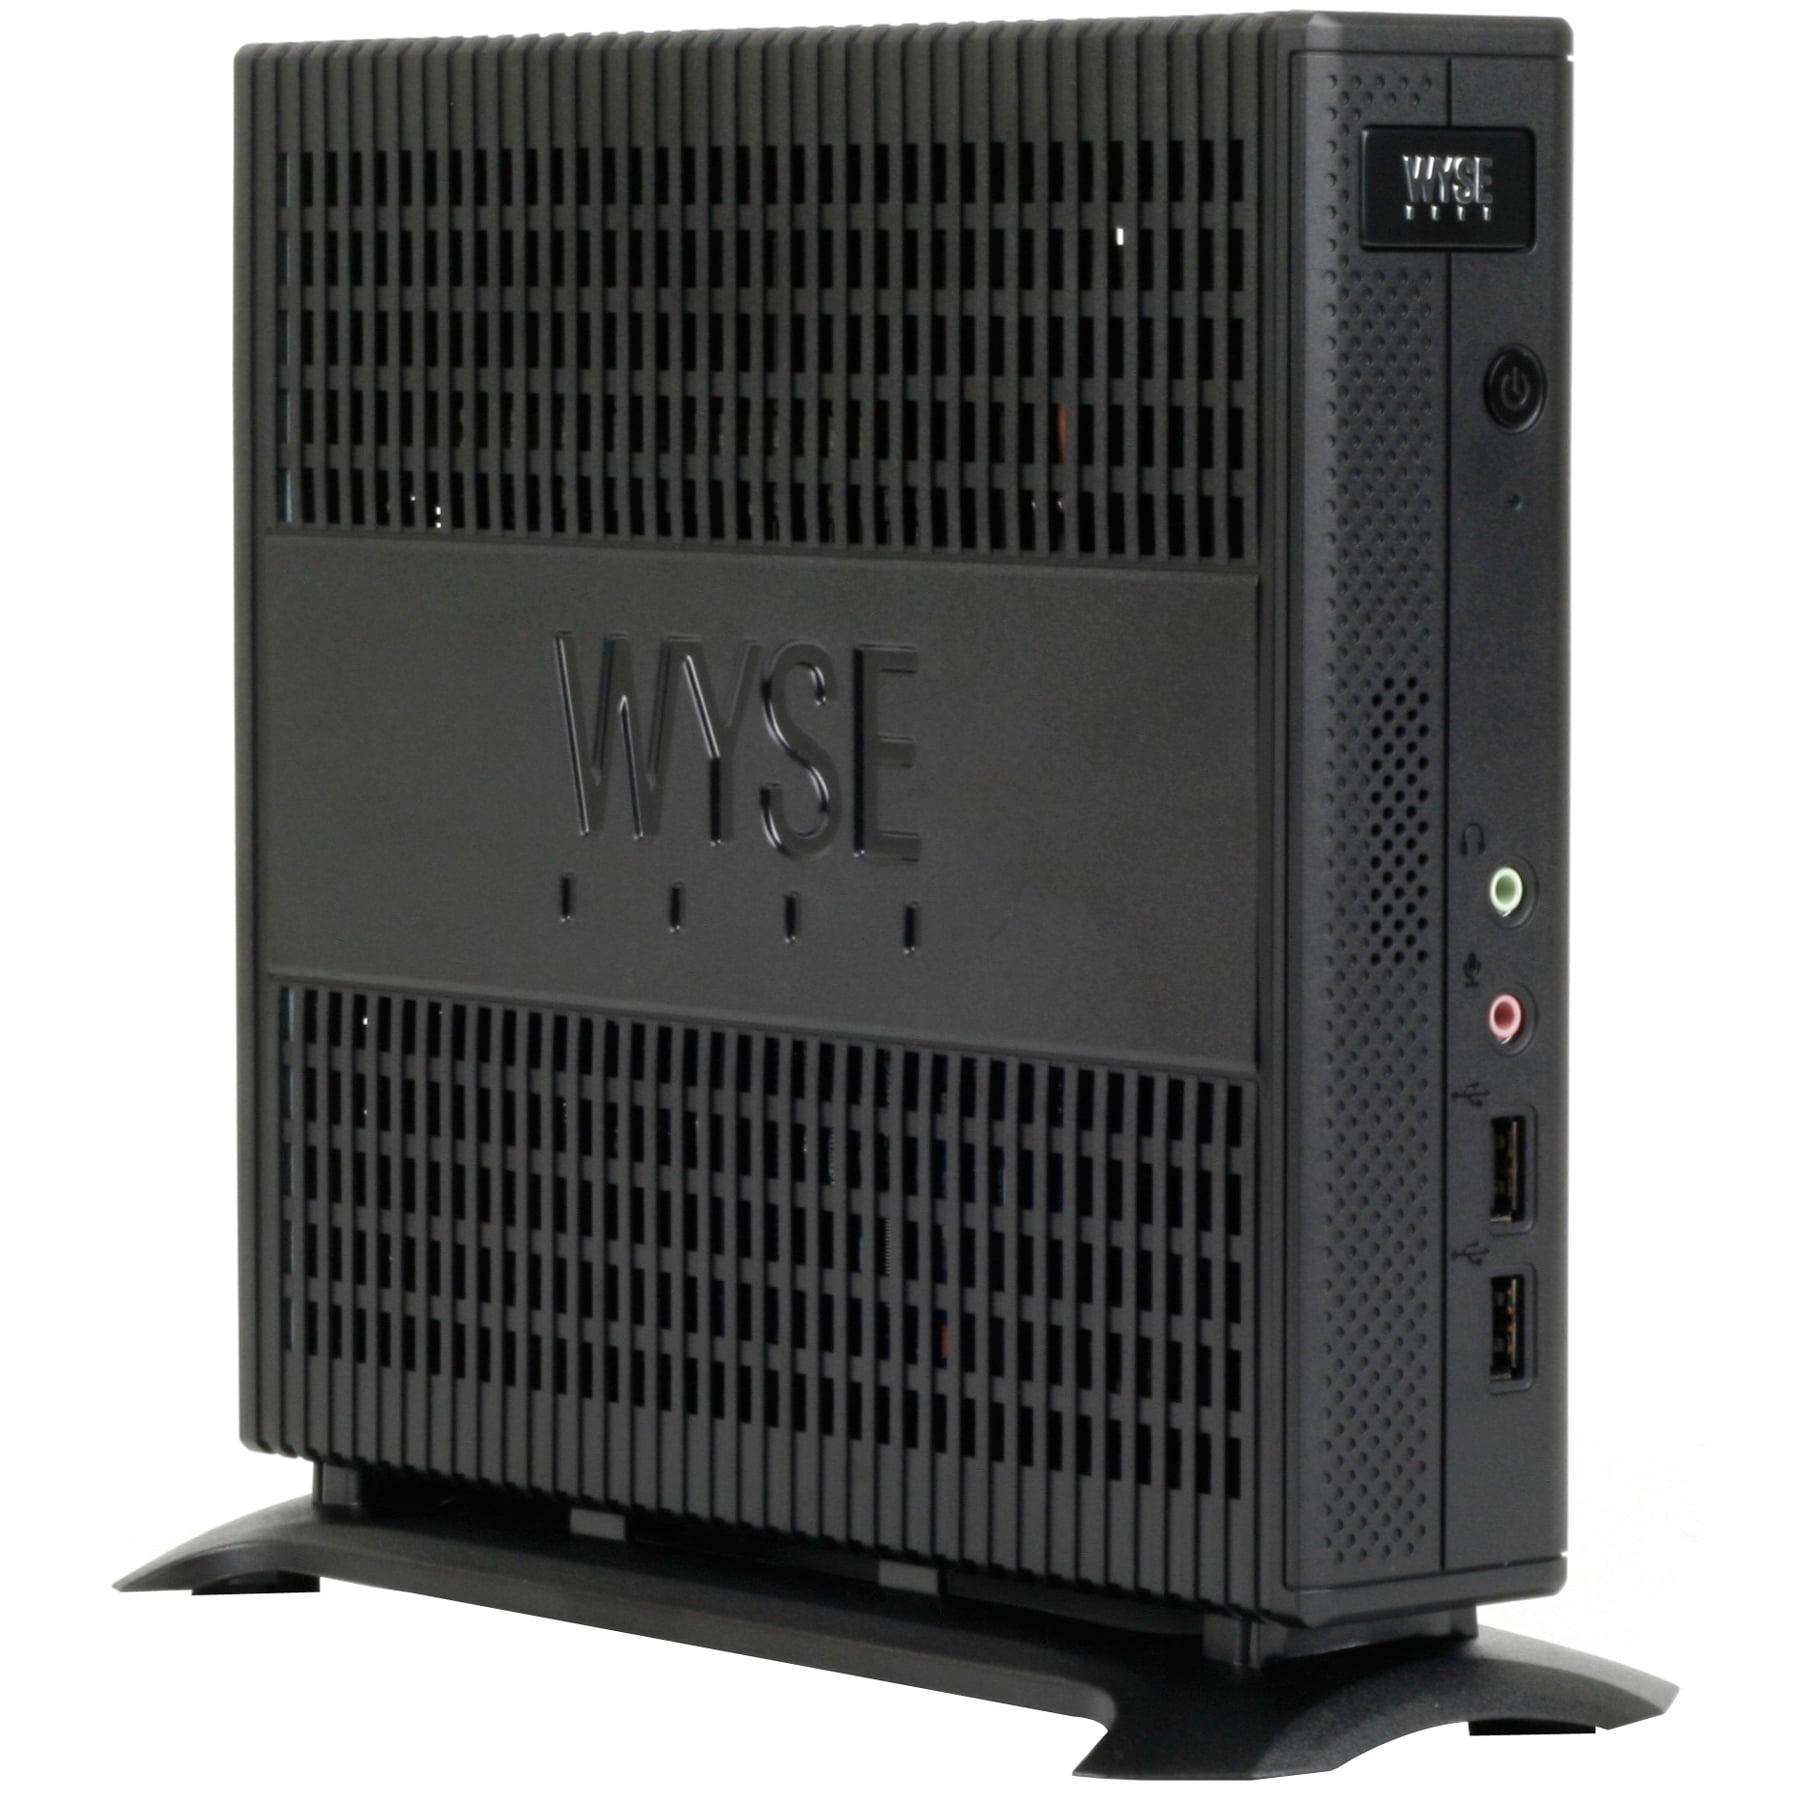 Wyse Technology Desktop Slimline Thin Client - AMD G-Series T52R 1.50 GHz